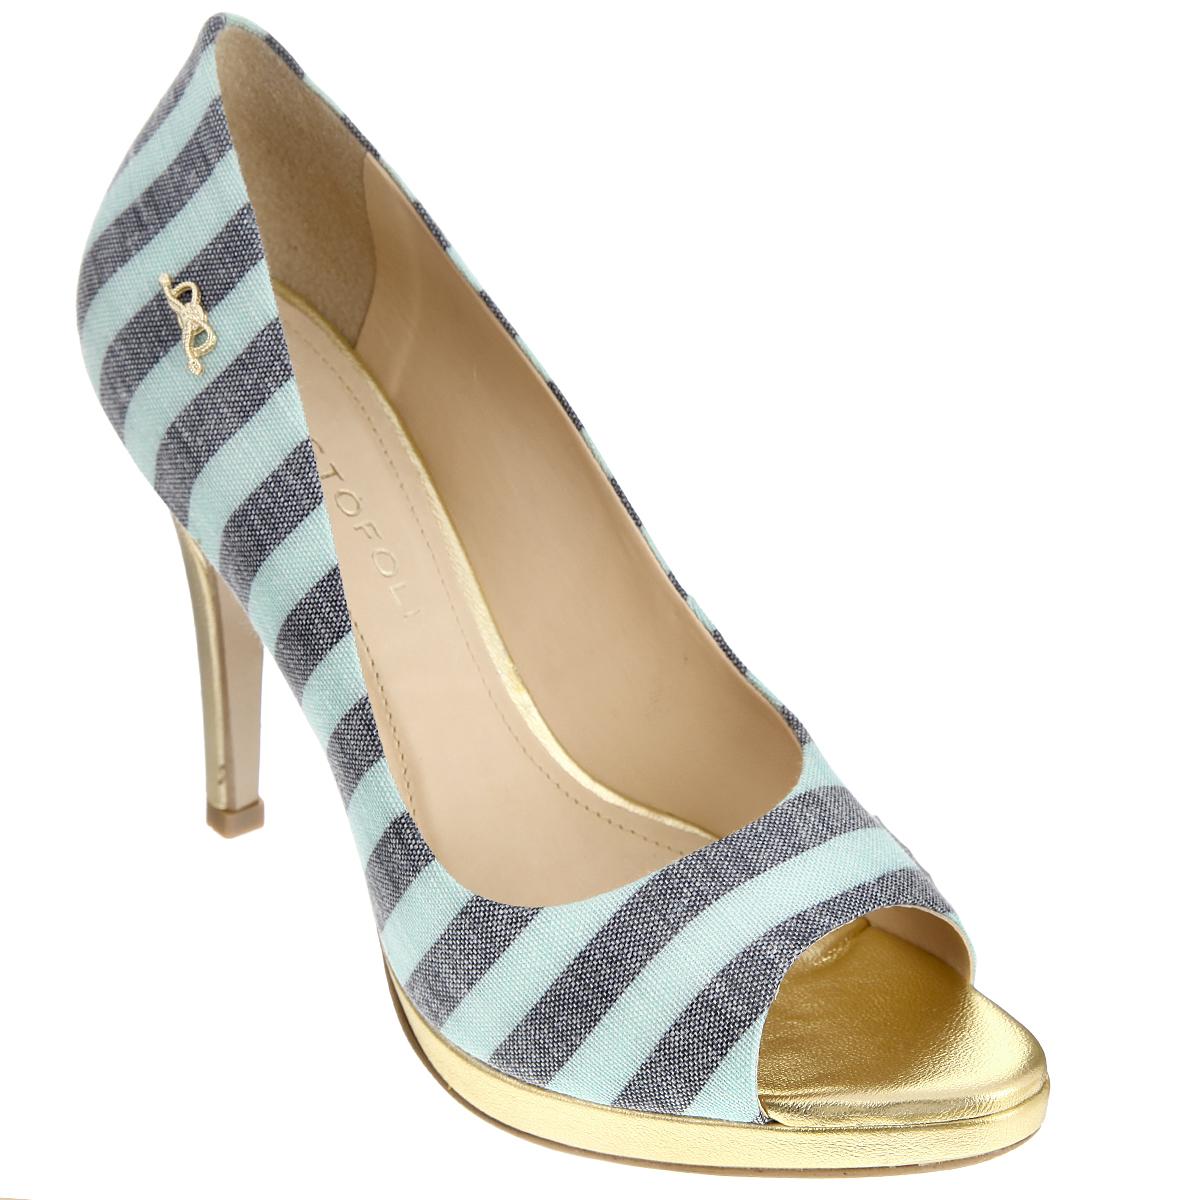 Туфли женские Cristofoli, цвет: мятный. 150413. Размер BRA 38 (39)150413Изысканные женские туфли от Cristofoli займут достойное место среди вашей коллекции обуви.Модель изготовлена из плотного высококачественного текстиля и оформлена узором в полоску. Сбоку изделие украшено декоративным элементом в виде бантика, выполненного из металла. Открытый носок добавит женственные нотки в ваш образ. Подкладка и стелька из натуральной кожи обеспечивают комфорт при движении. Ультравысокий каблук компенсирован платформой. Подошва дополнена противоскользящим рифлением.Роскошные туфли помогут вам создать неповторимый образ.